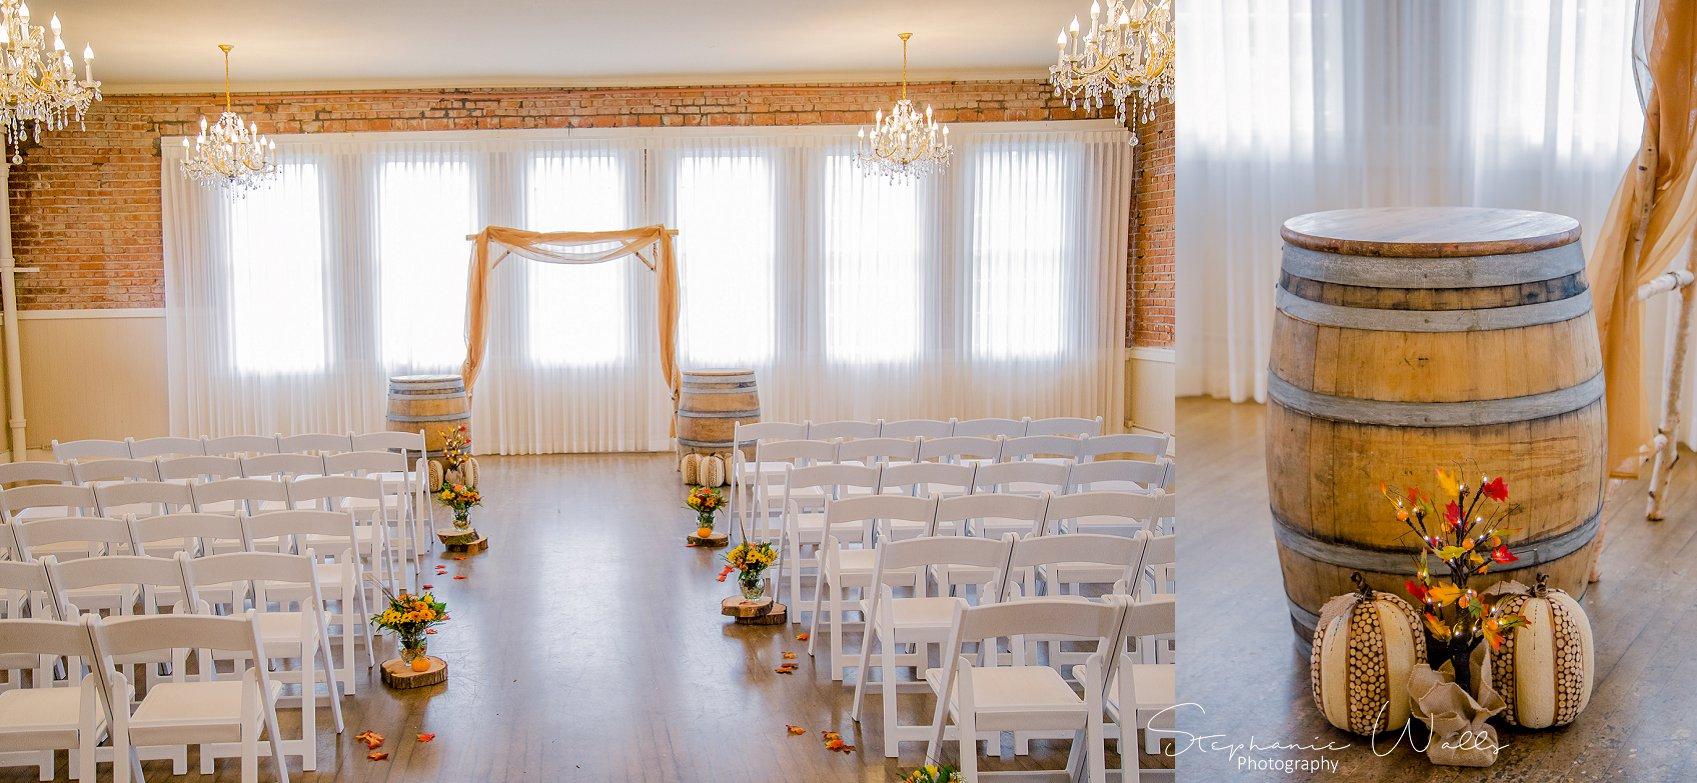 Olson Details 093 1 KK & Zack   Hollywood Schoolhouse Wedding   Woodinville, Wa Wedding Photographer